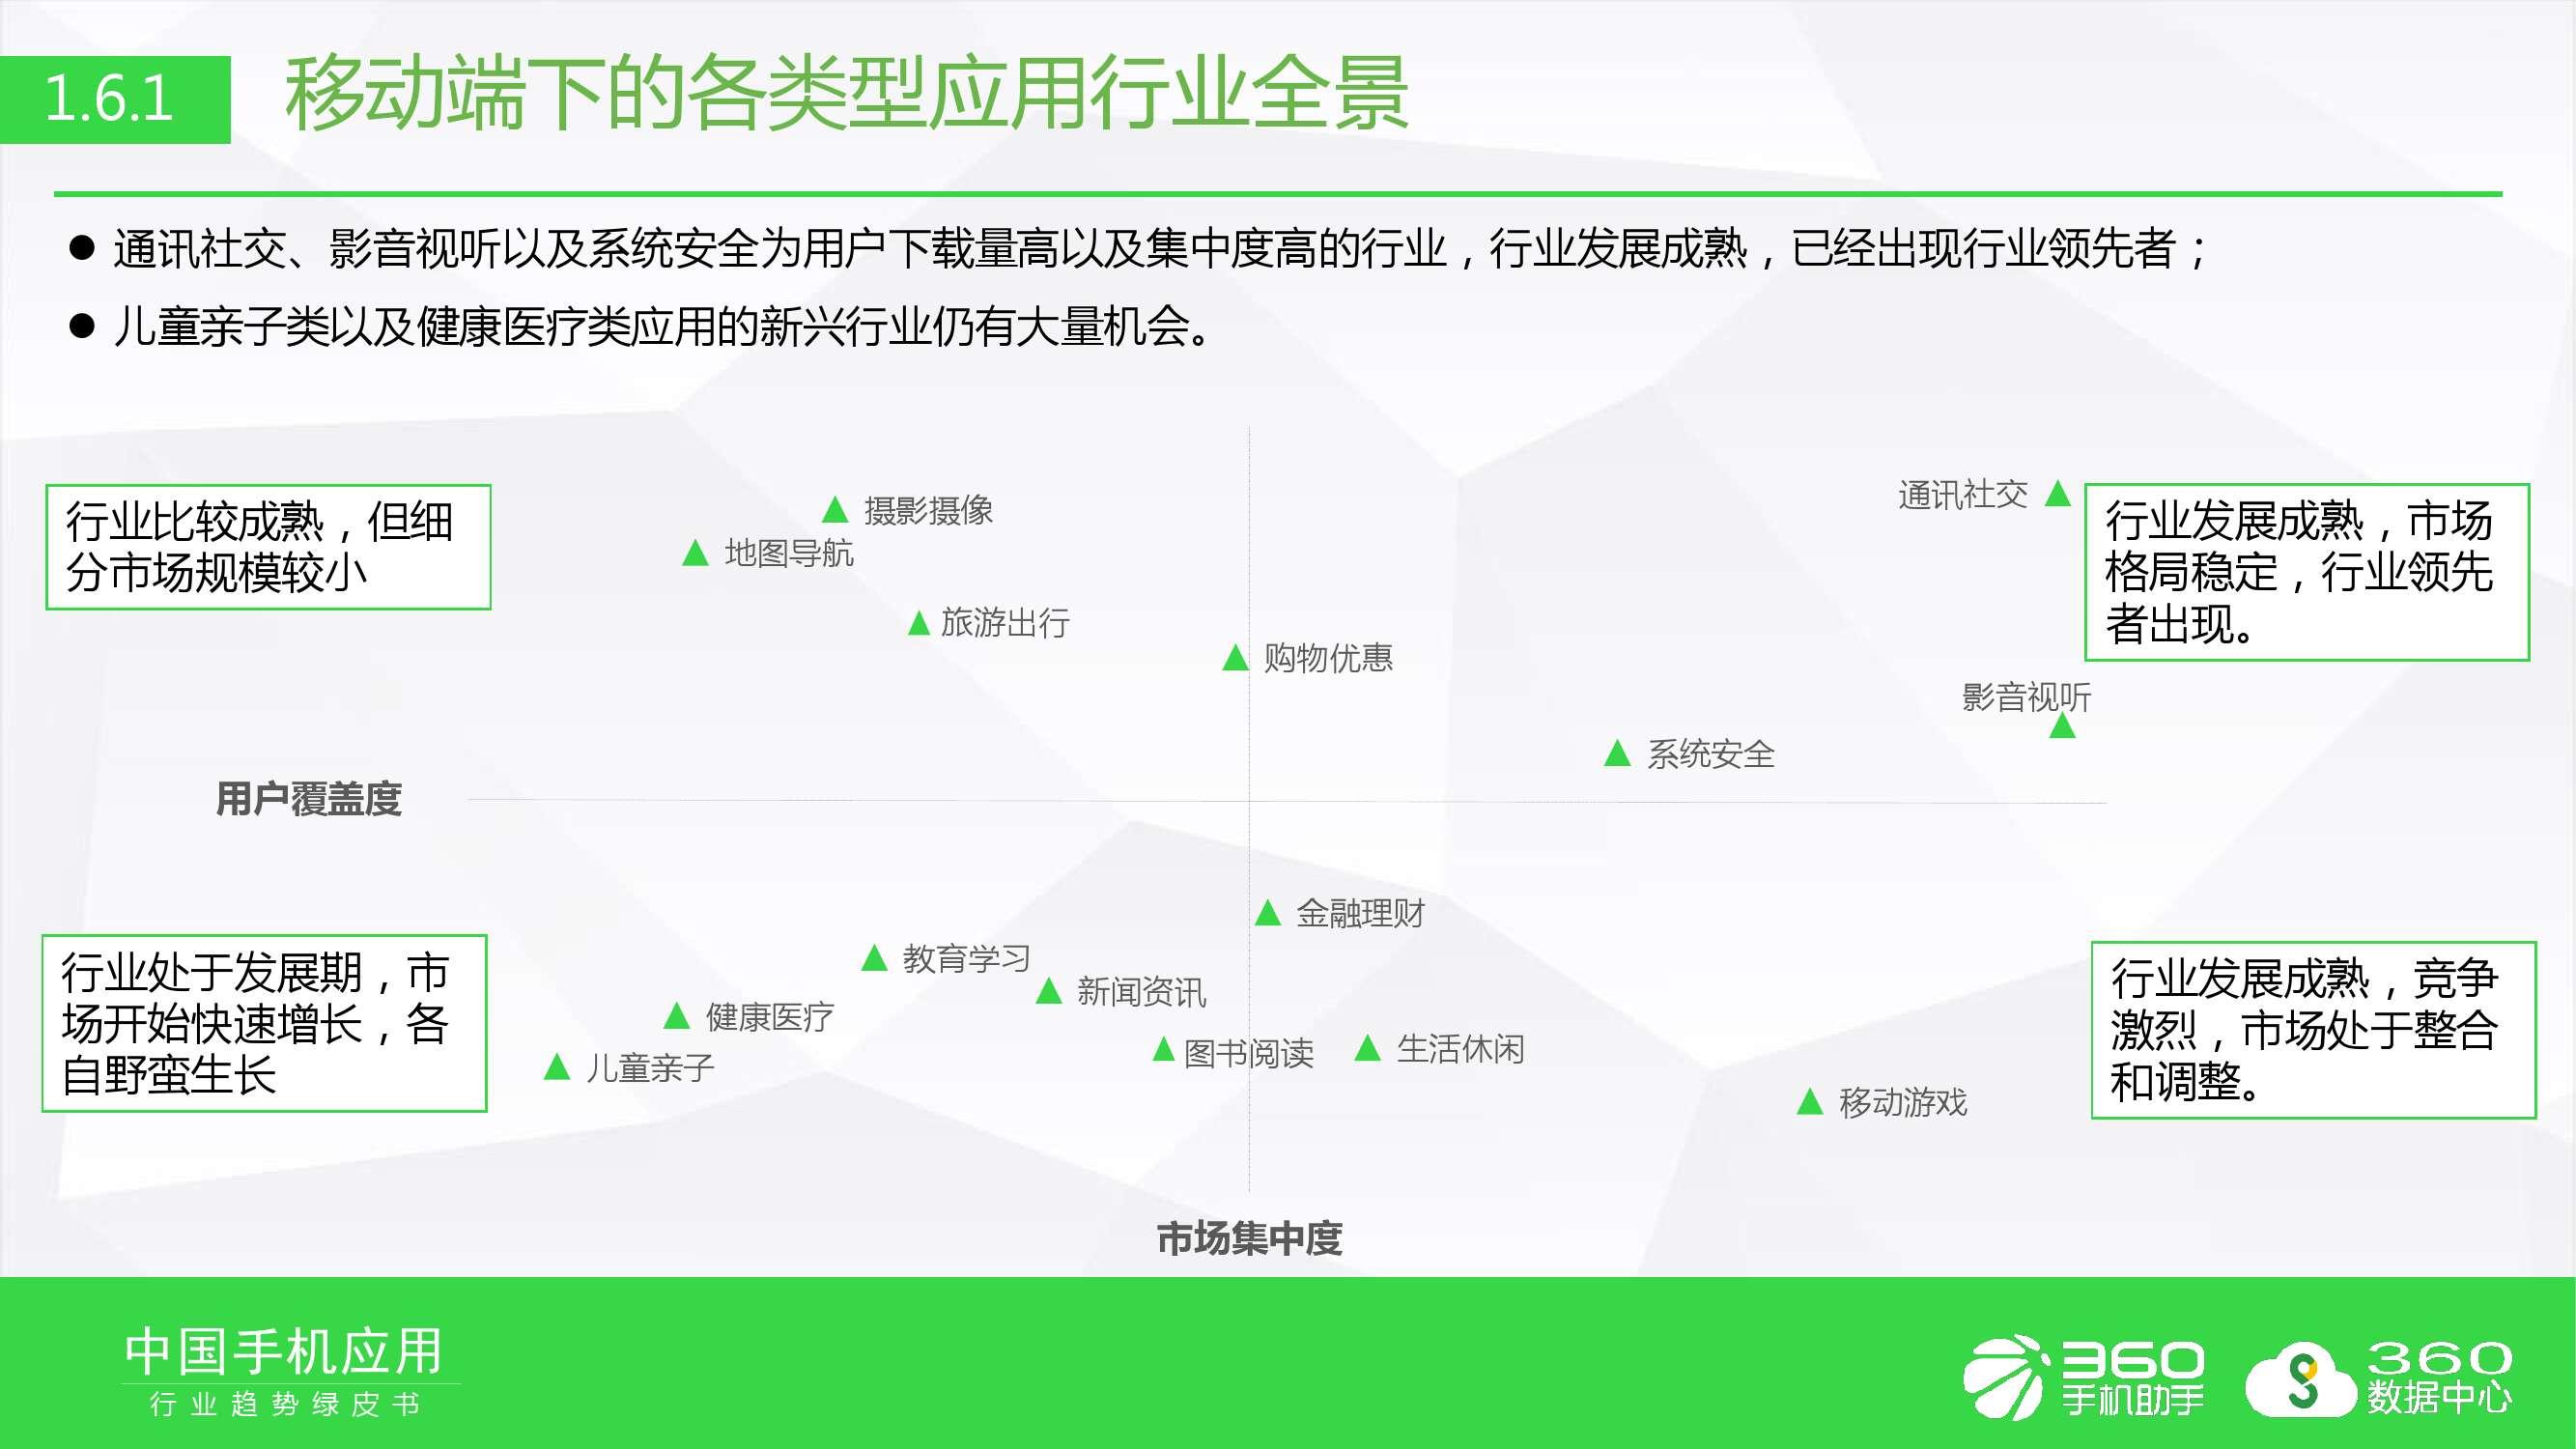 2016年手机软件行业趋势绿皮书_000012